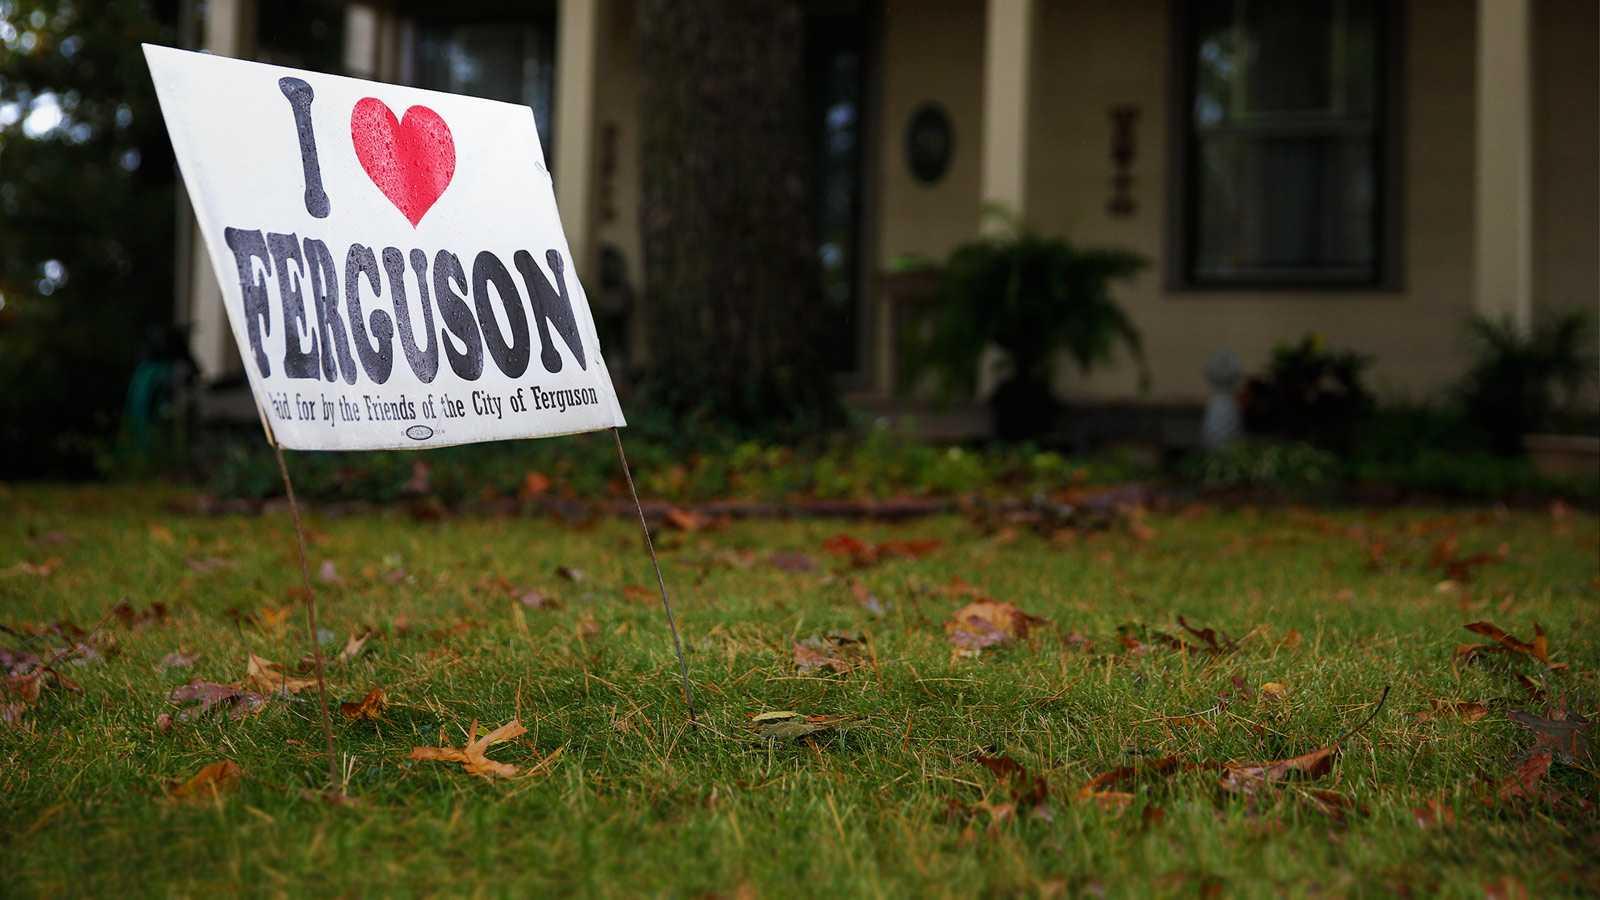 مقتل مايكل براون - احتجاجات فيرحسون - من أبرز موضوعات فيسبوك في 2014